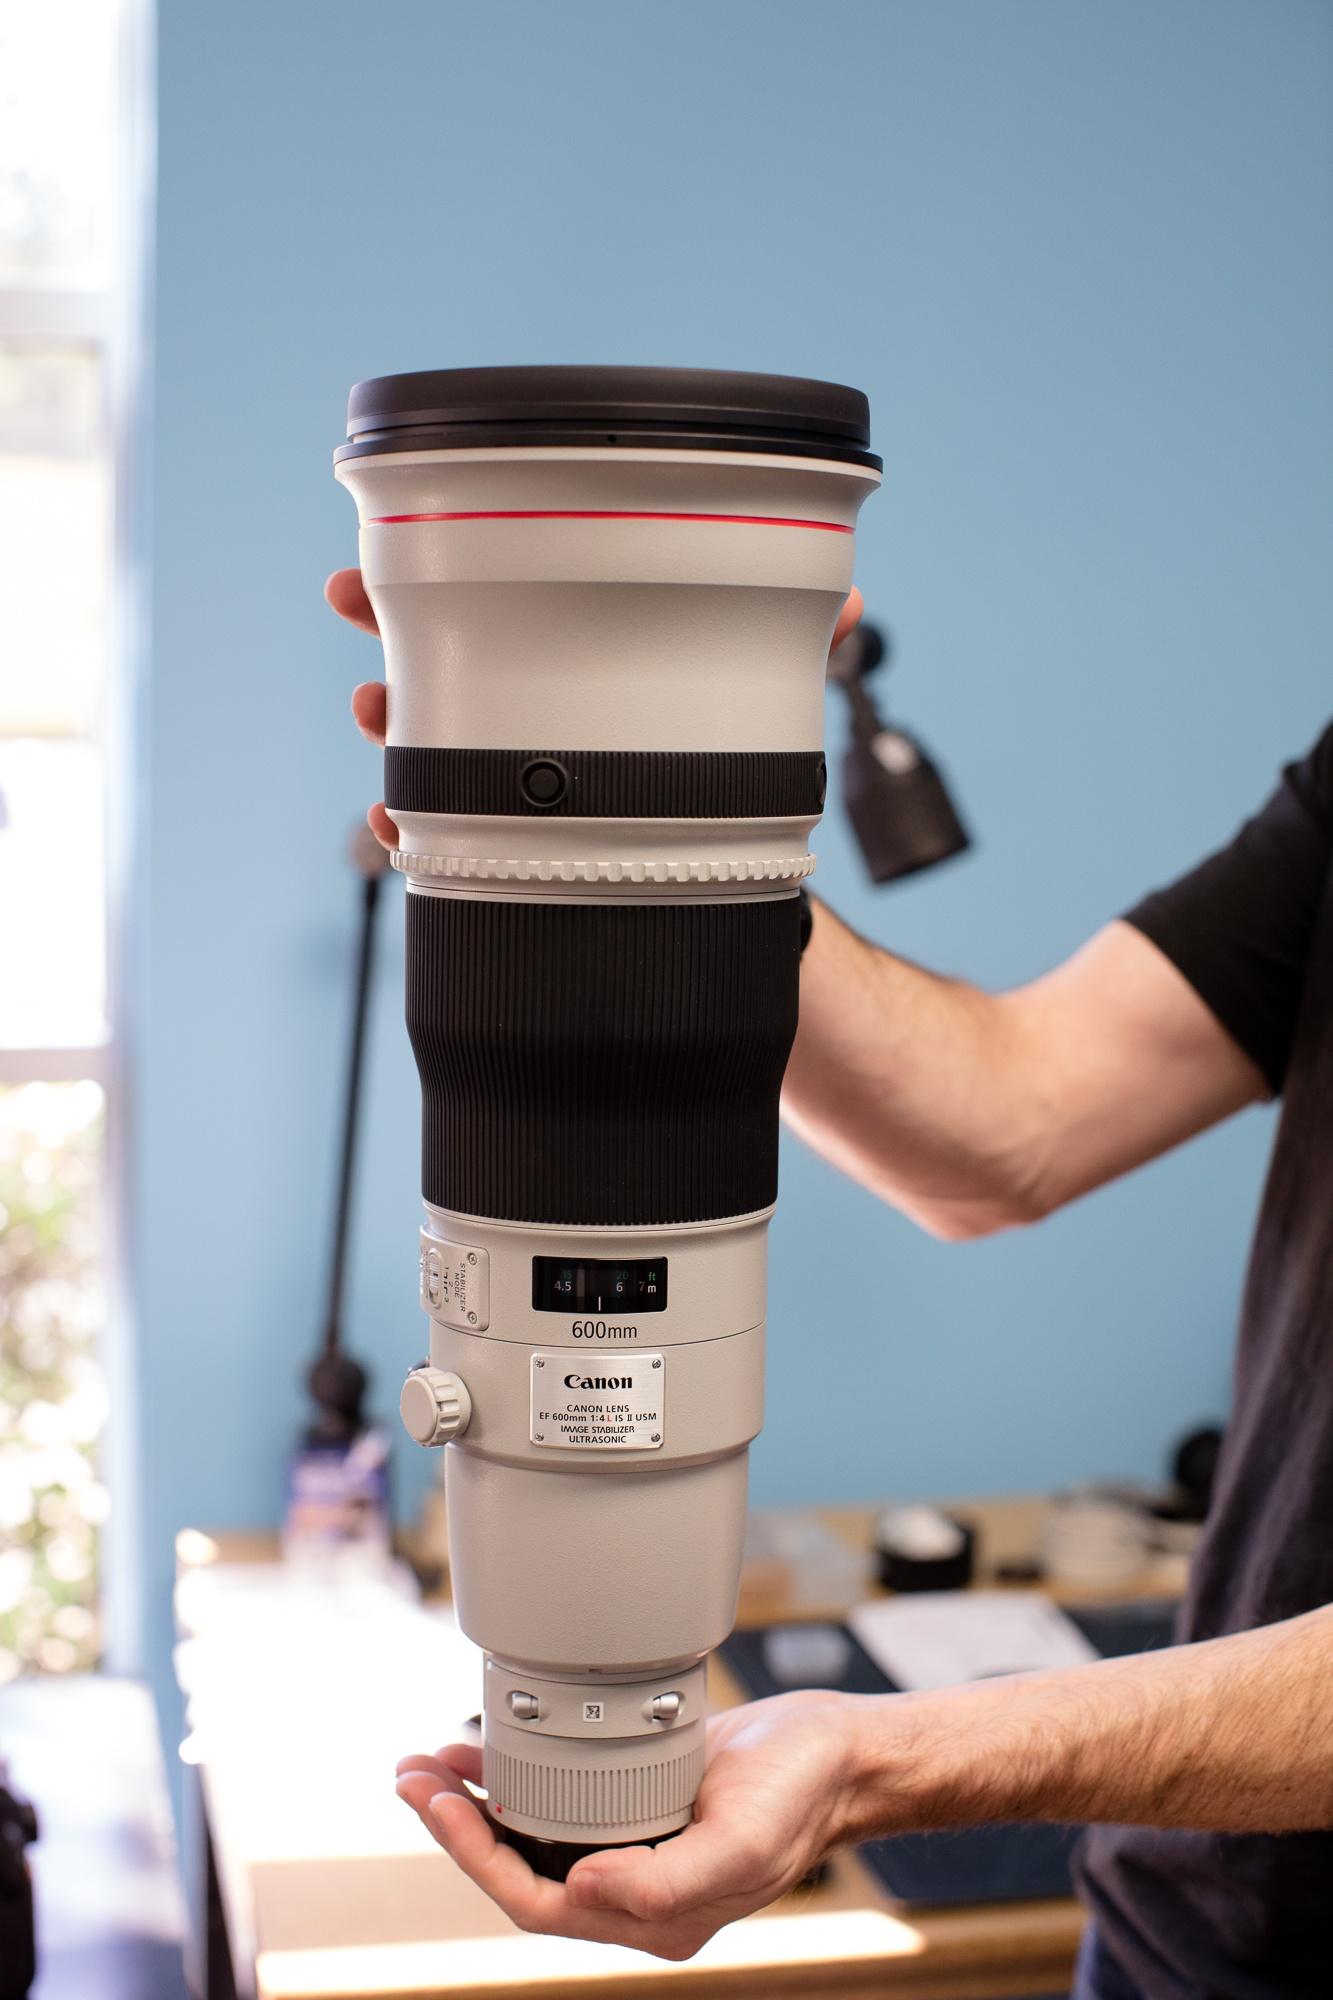 Прокатное фотографическое оборудование, повреждённое солнечным затмением - 8